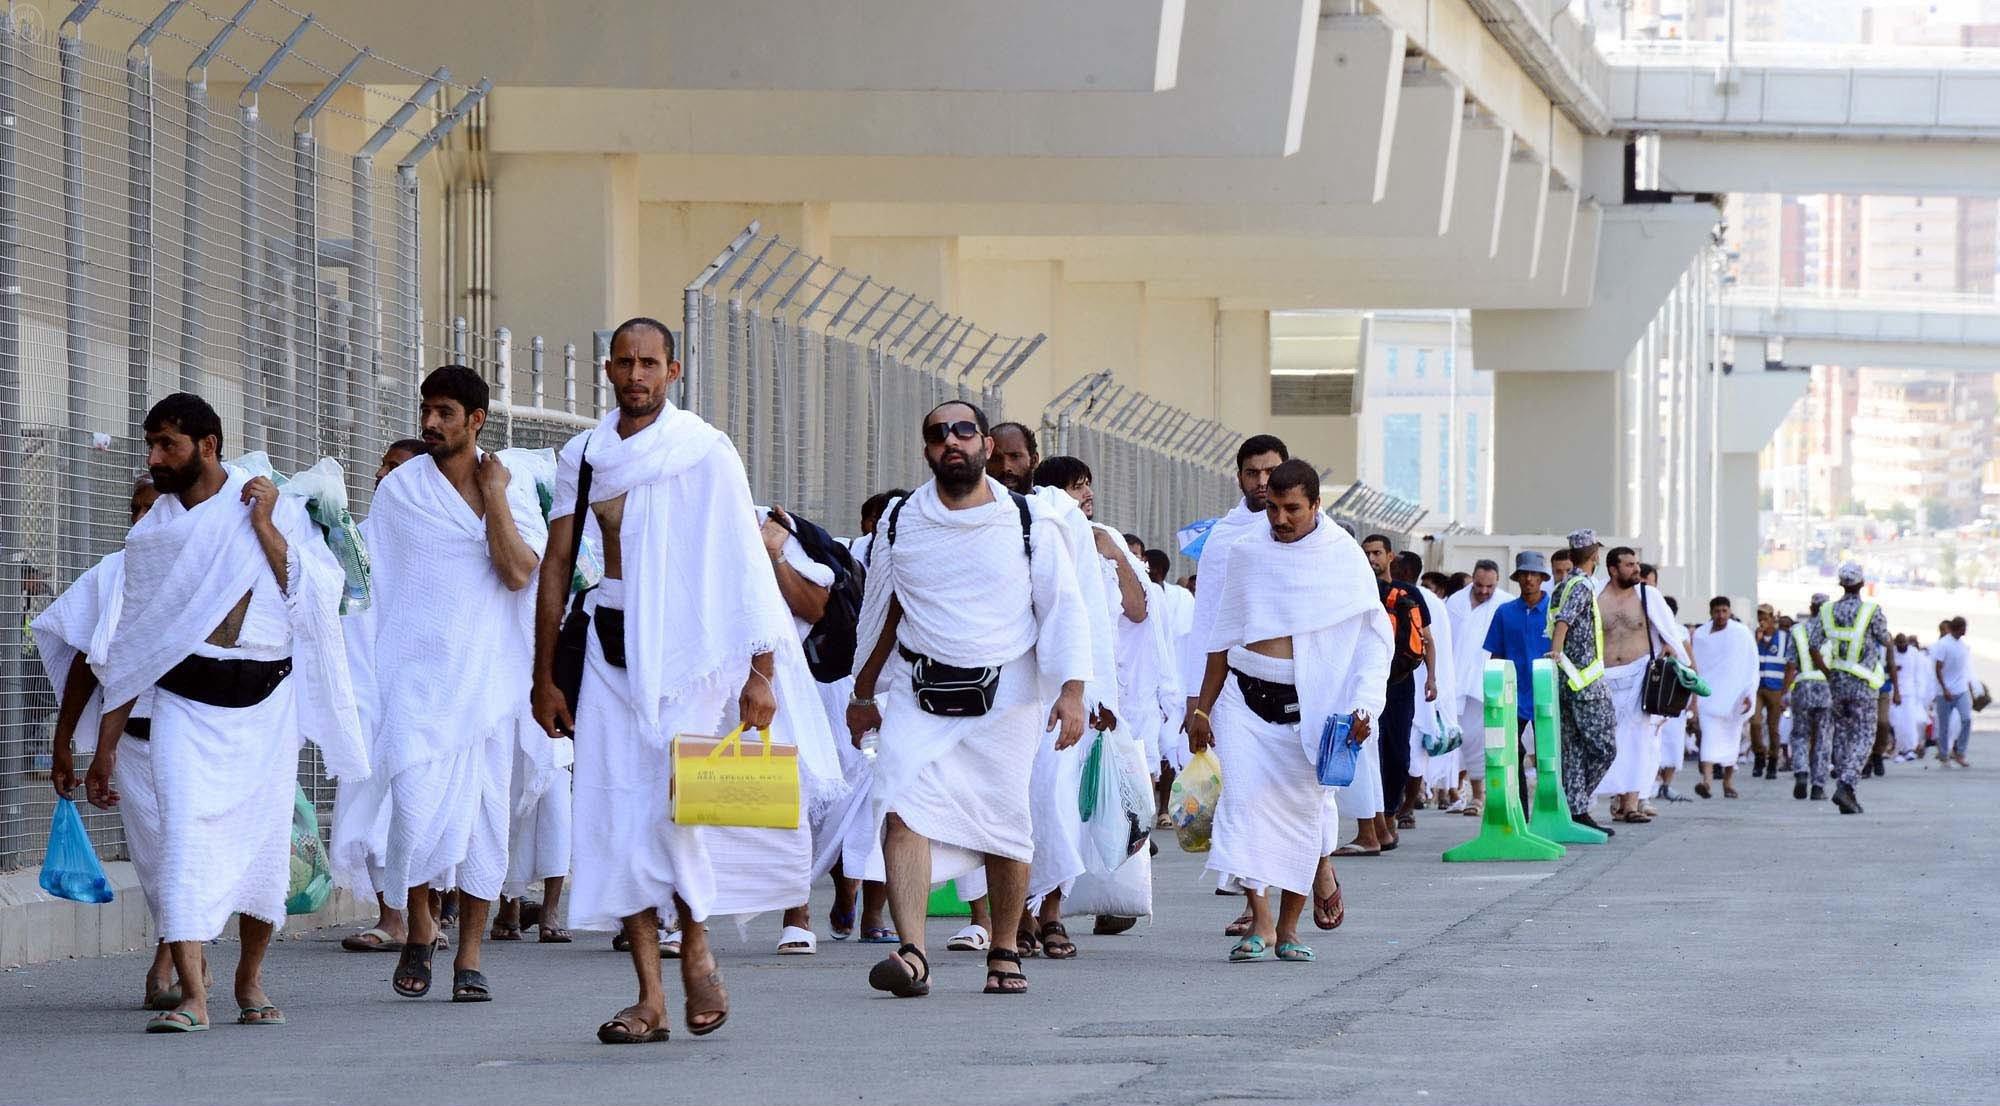 السعودية تعلن قواعد صارمة بشأن نقل الحجاج